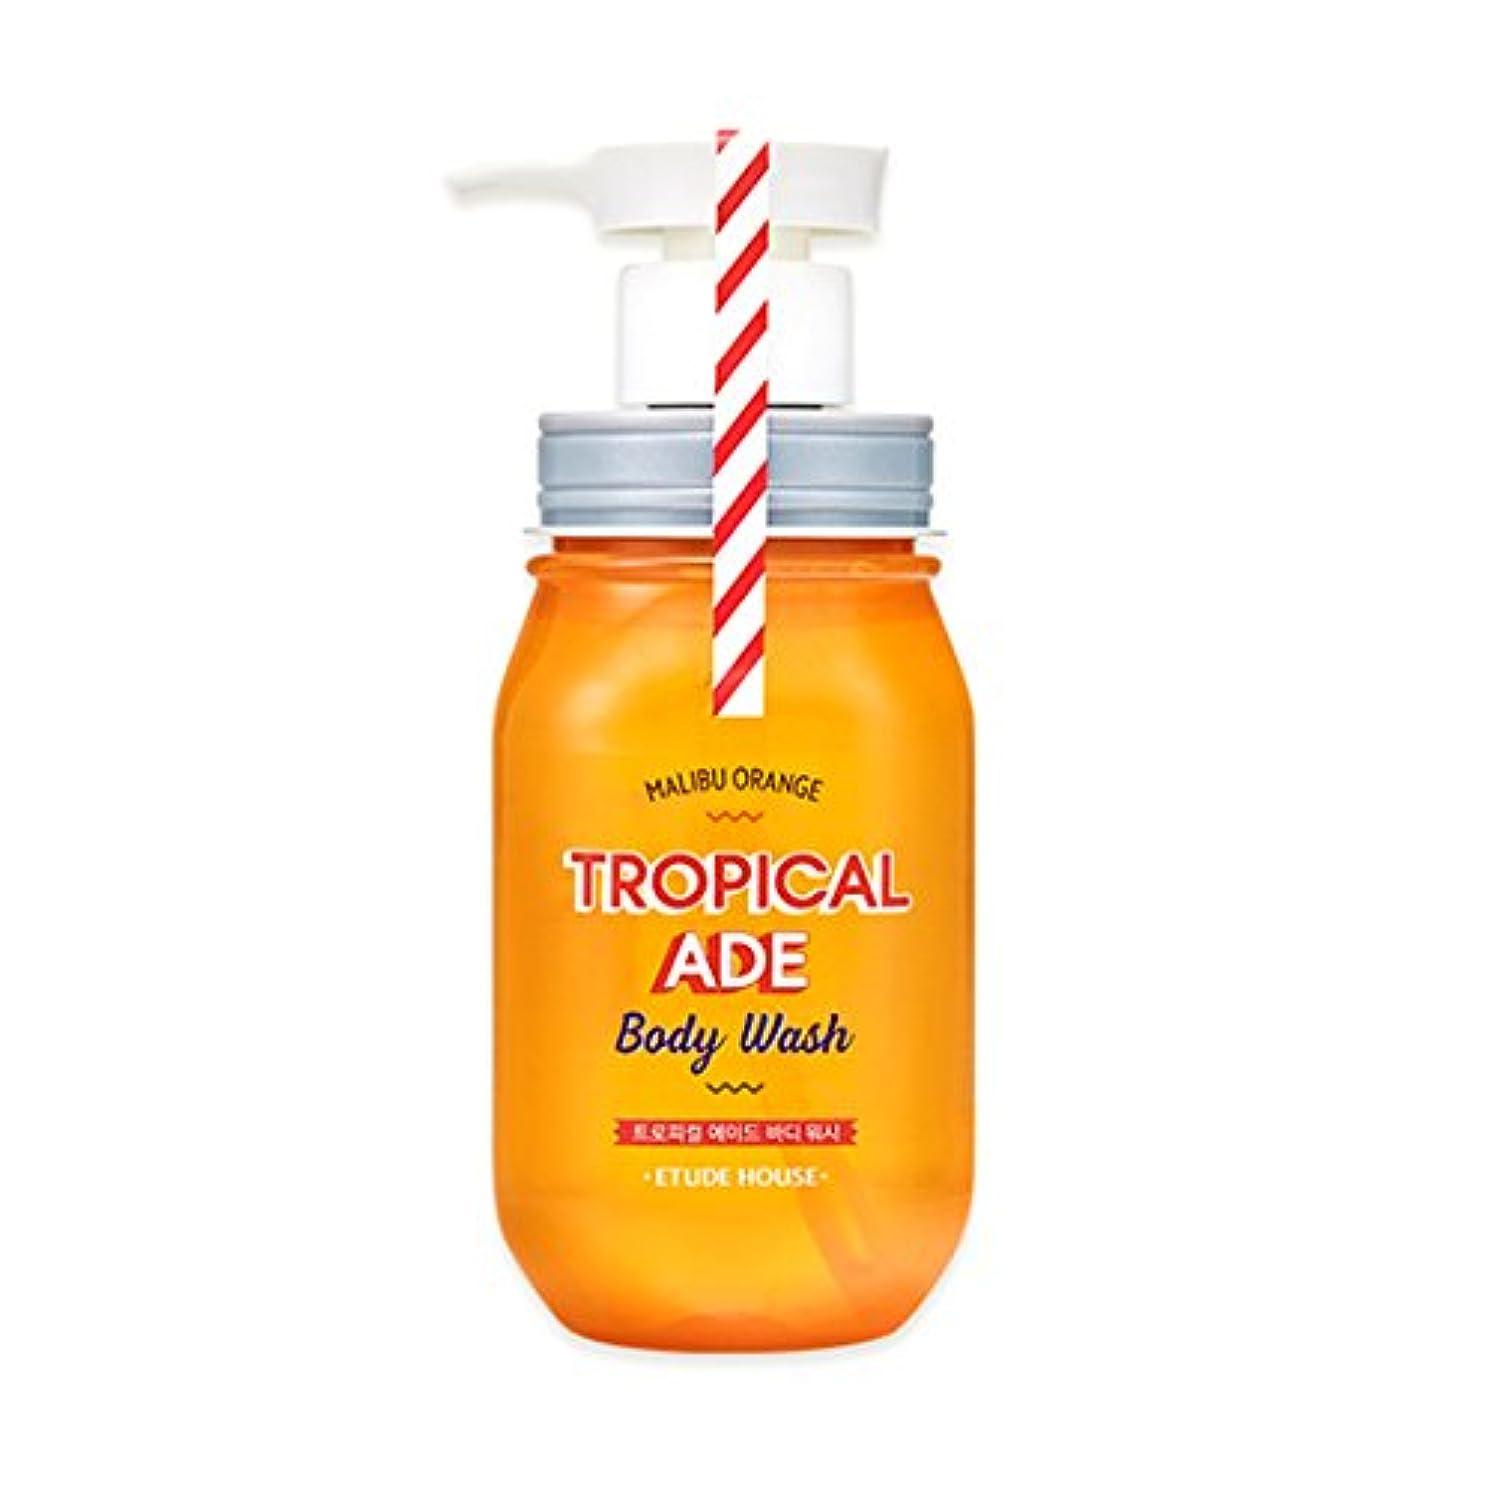 試験最大のぴかぴかETUDE HOUSE TROPICAL ADE Body Wash # Malibu Orange /エチュードハウス トロピカルエイドボディウォッシュ 300ml [並行輸入品]